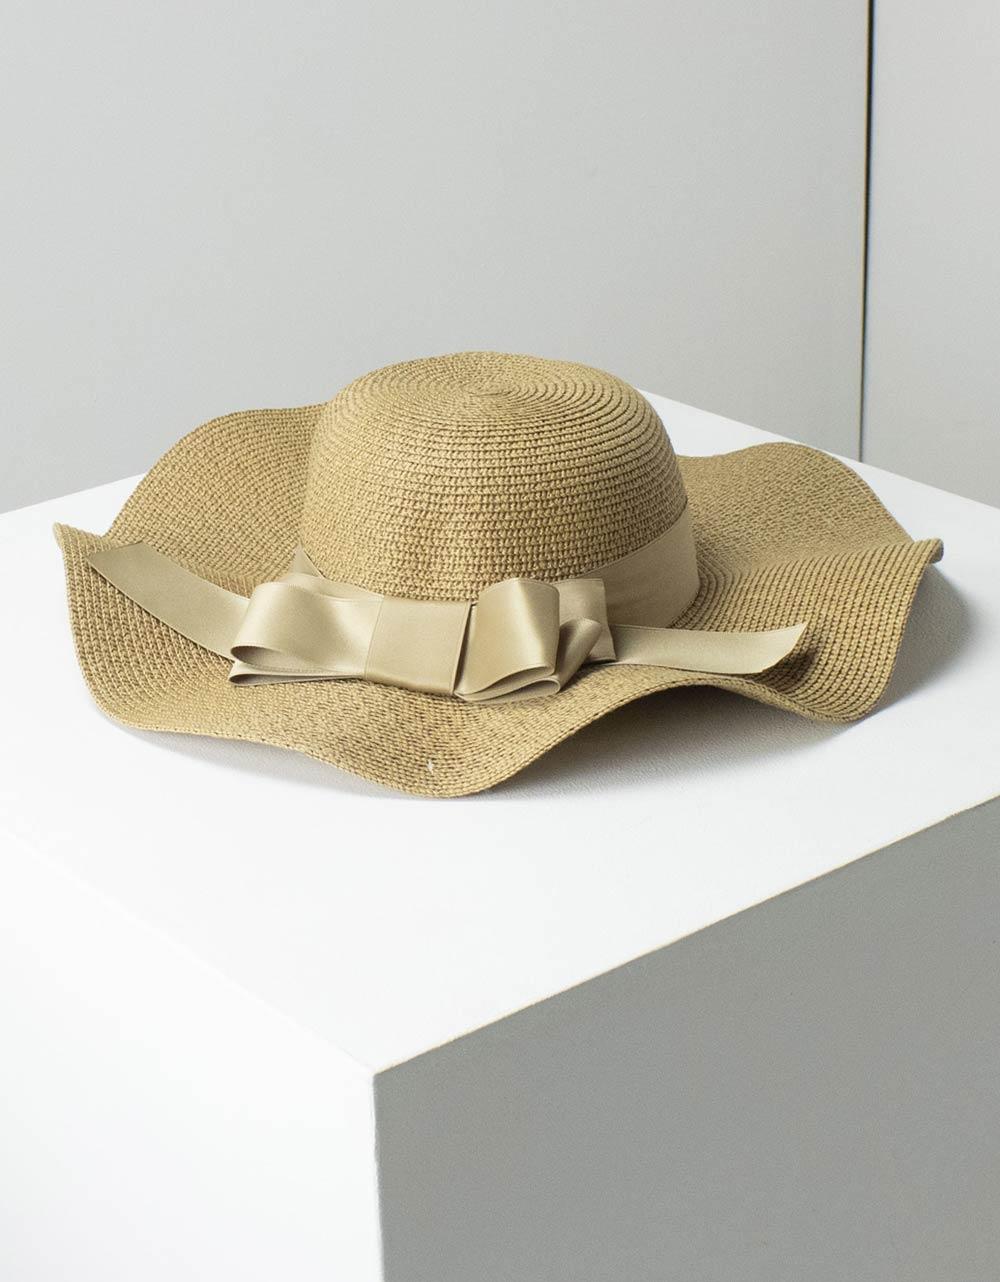 Εικόνα από Γυναικεία καπέλα με κυματιστό σχέδιο Πούρο